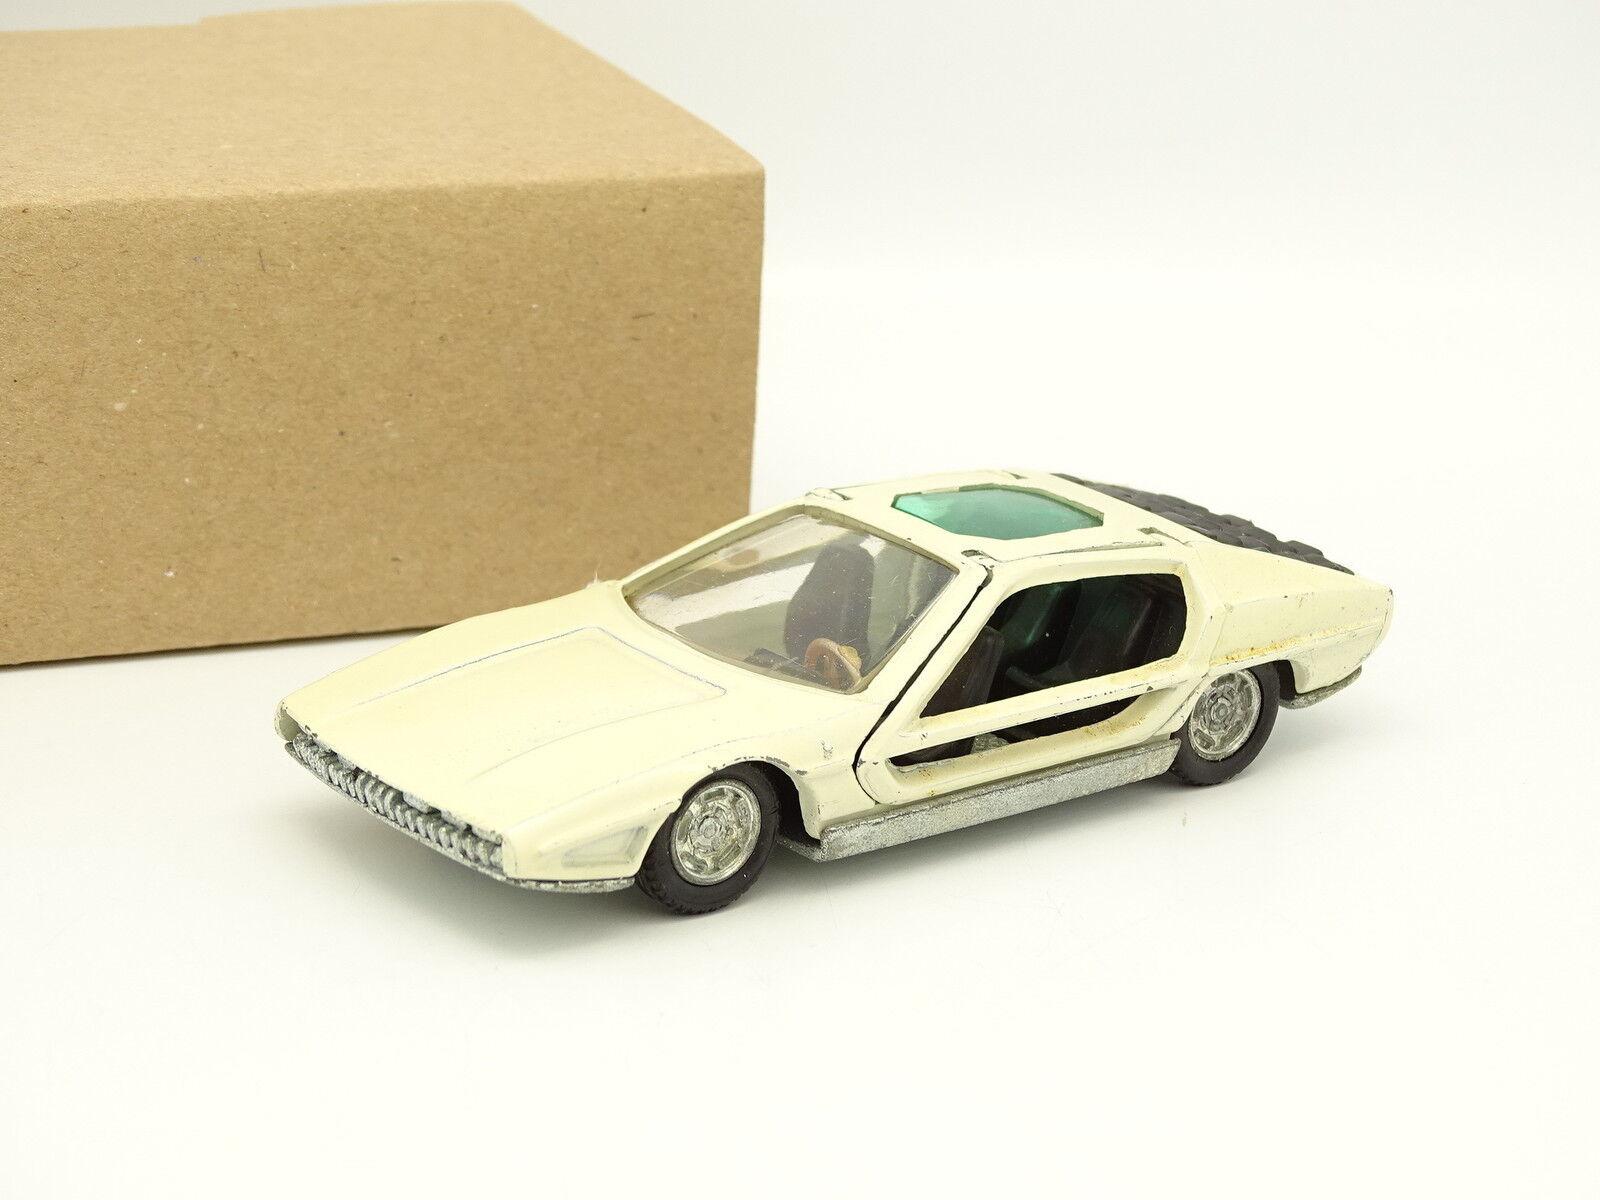 Politoys 1 43 - Lamborghini Marzal Bertone Blanche 568